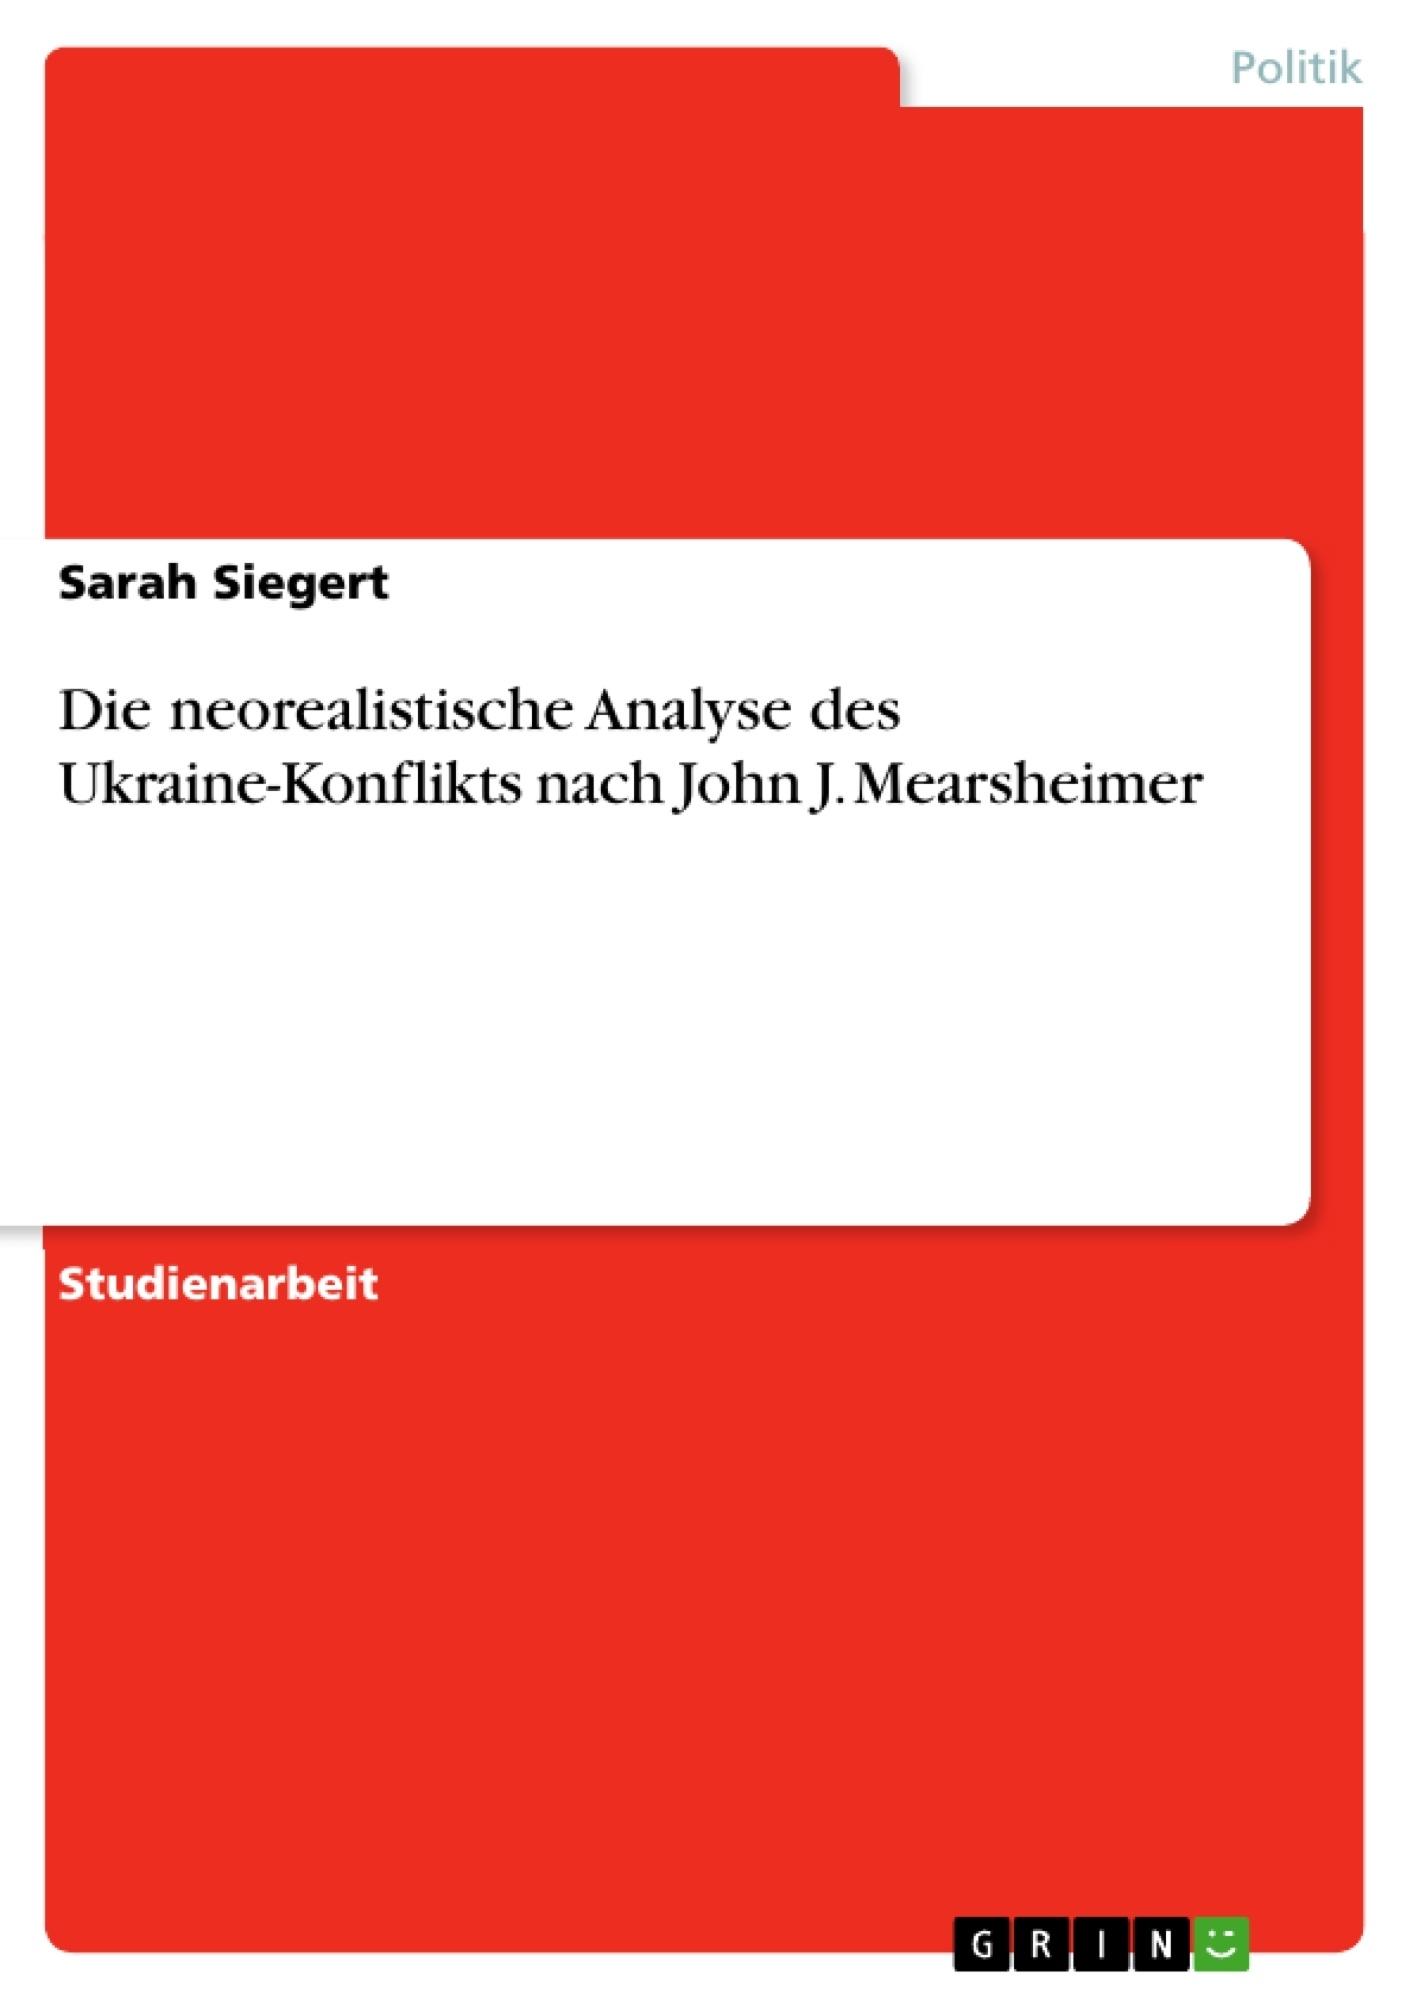 Titel: Die neorealistische Analyse des Ukraine-Konflikts nach John J. Mearsheimer